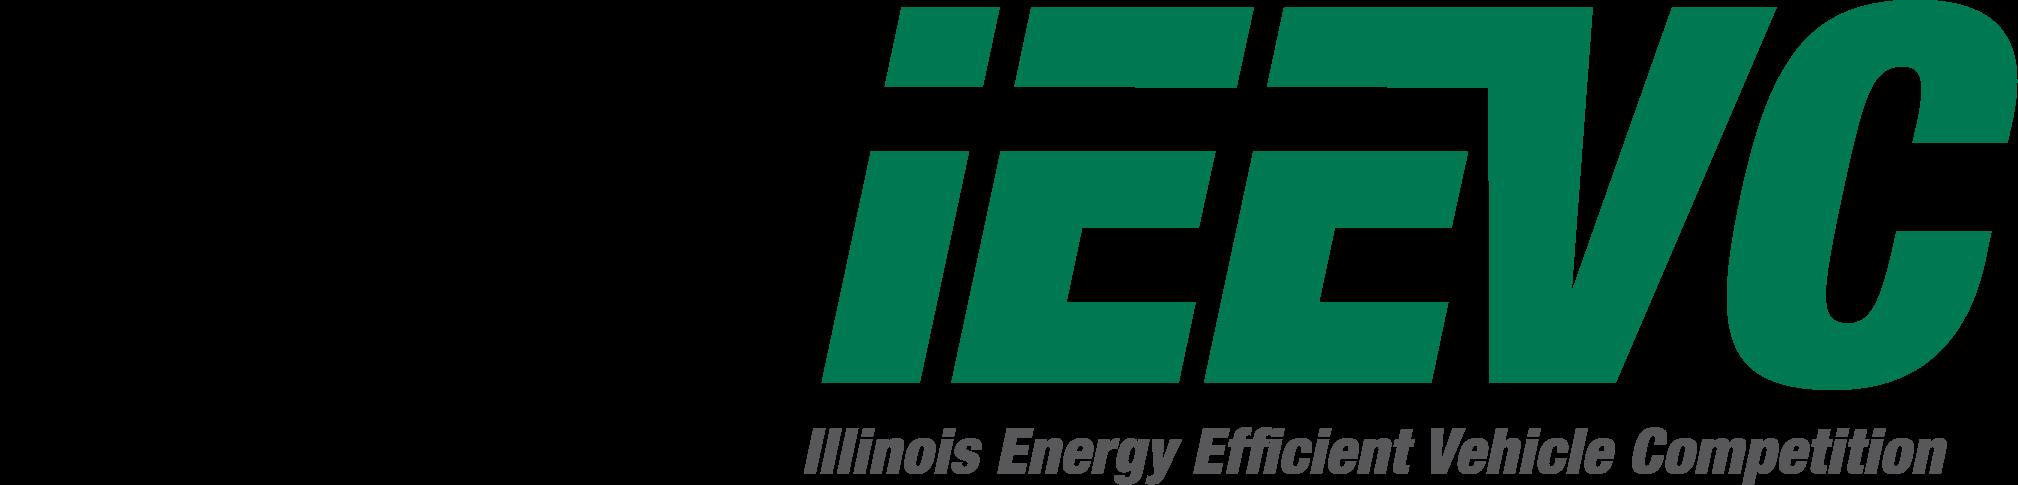 IEECV Logo 2017.png